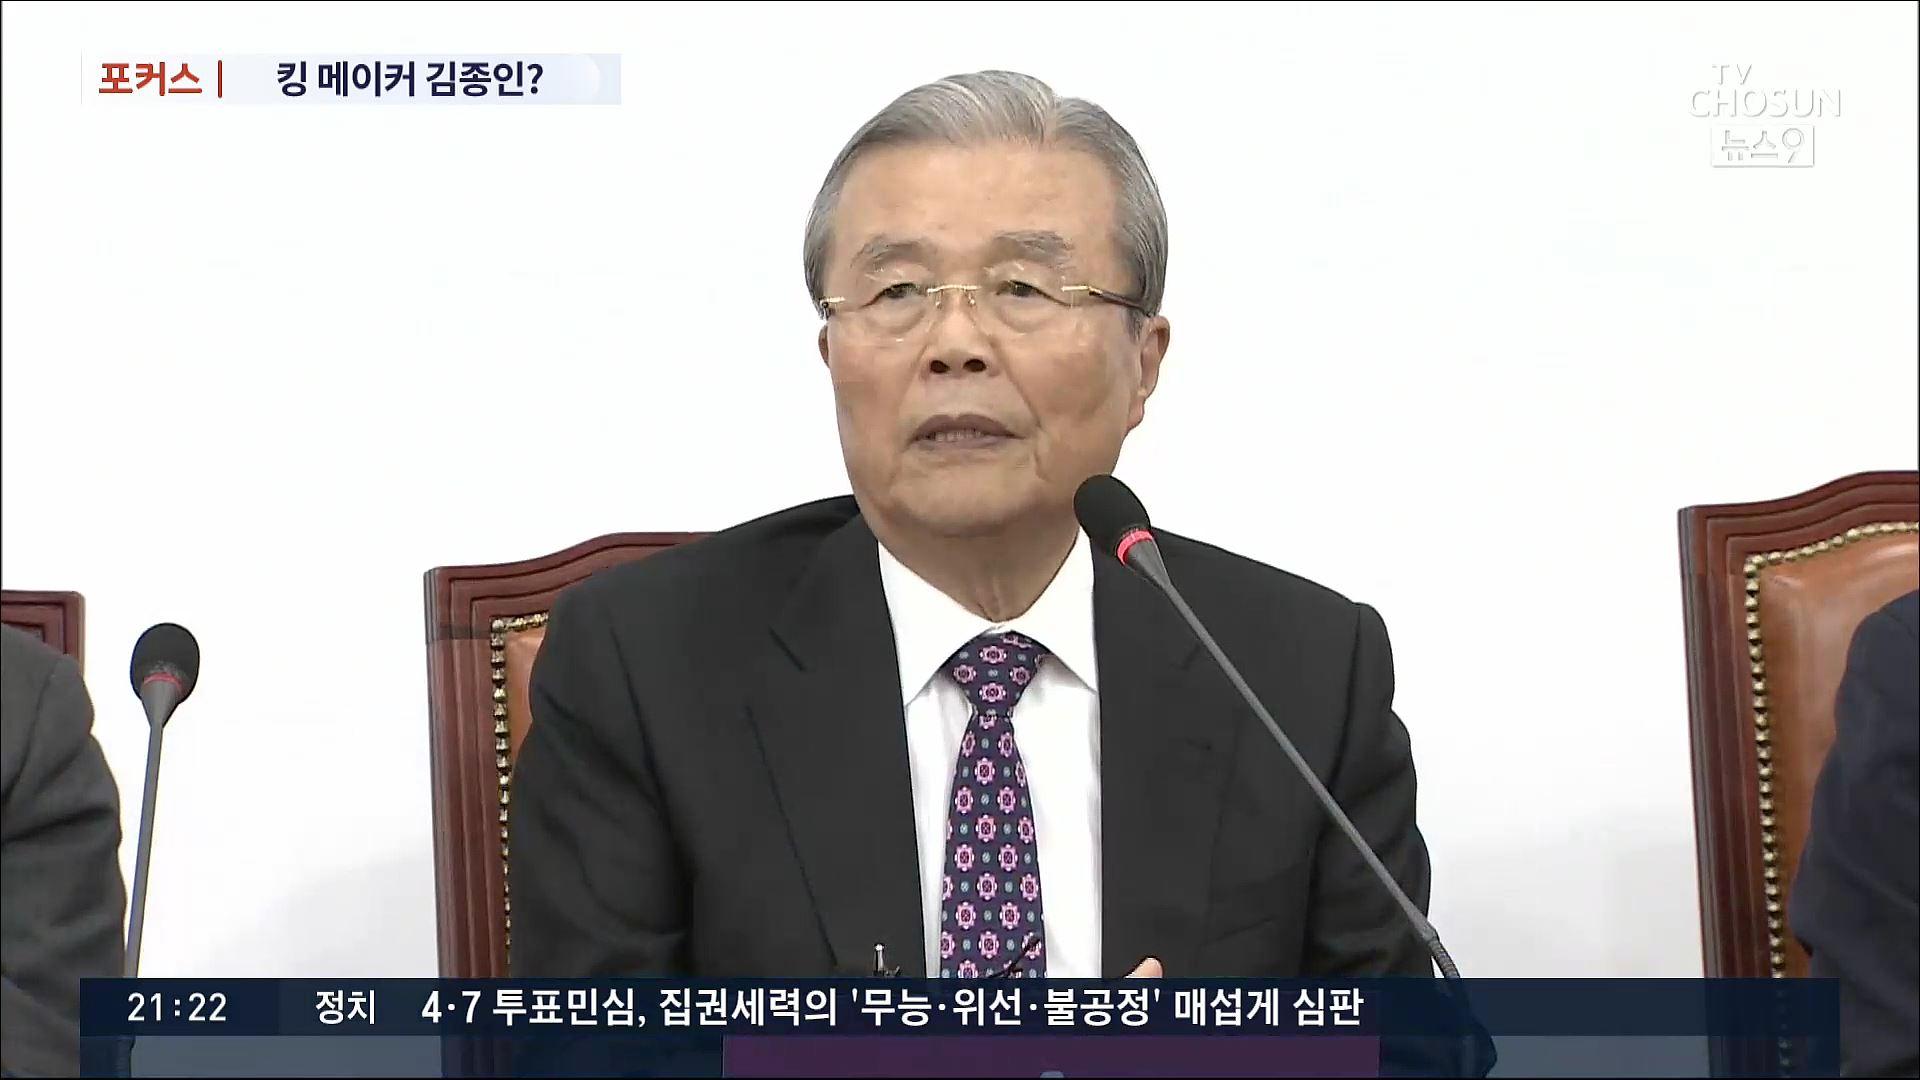 [포커스] 야인으로 돌아간 김종인의 '지난 10개월'